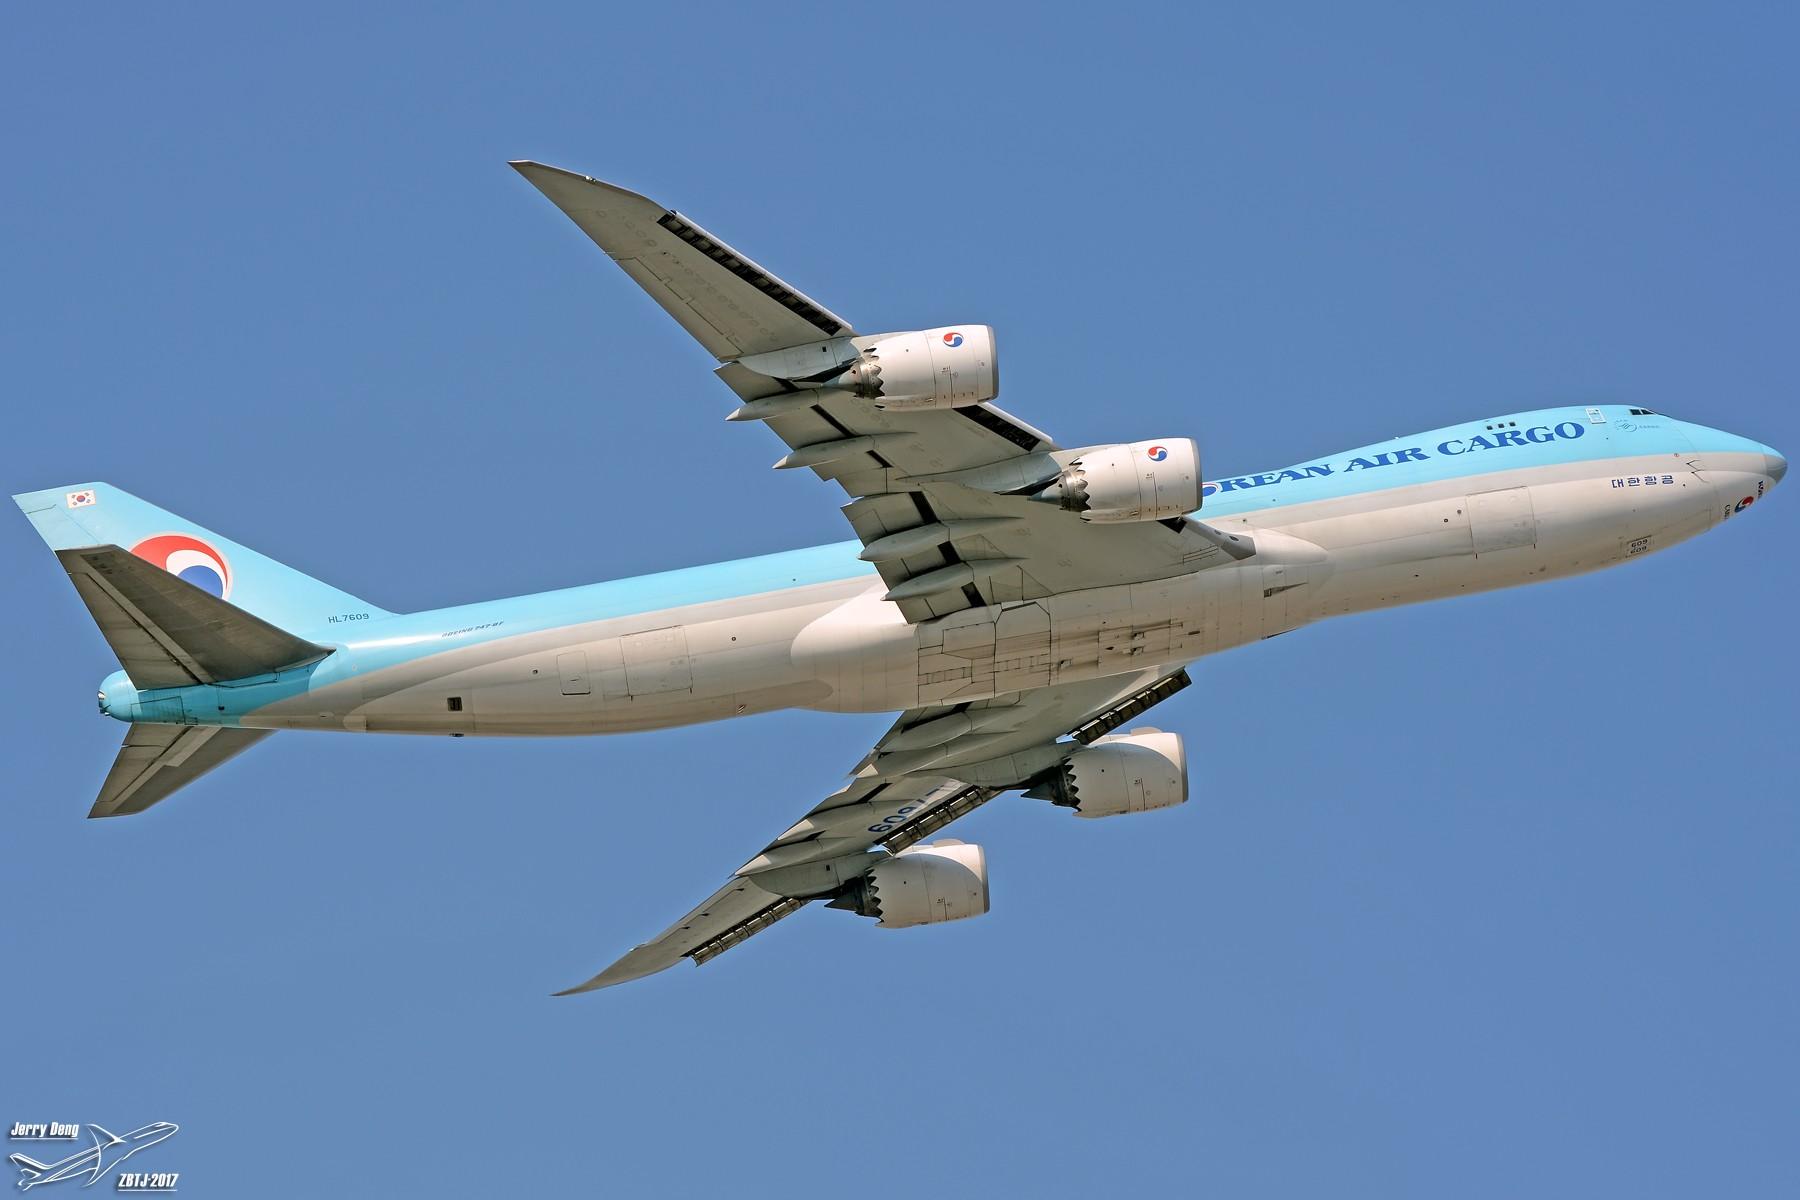 """Re:[原创]【多图党】TSN""""客梯车神仙位""""各种拉起高清大图让你一饱眼福 BOEING 747-8F HL7609 中国天津滨海国际机场"""